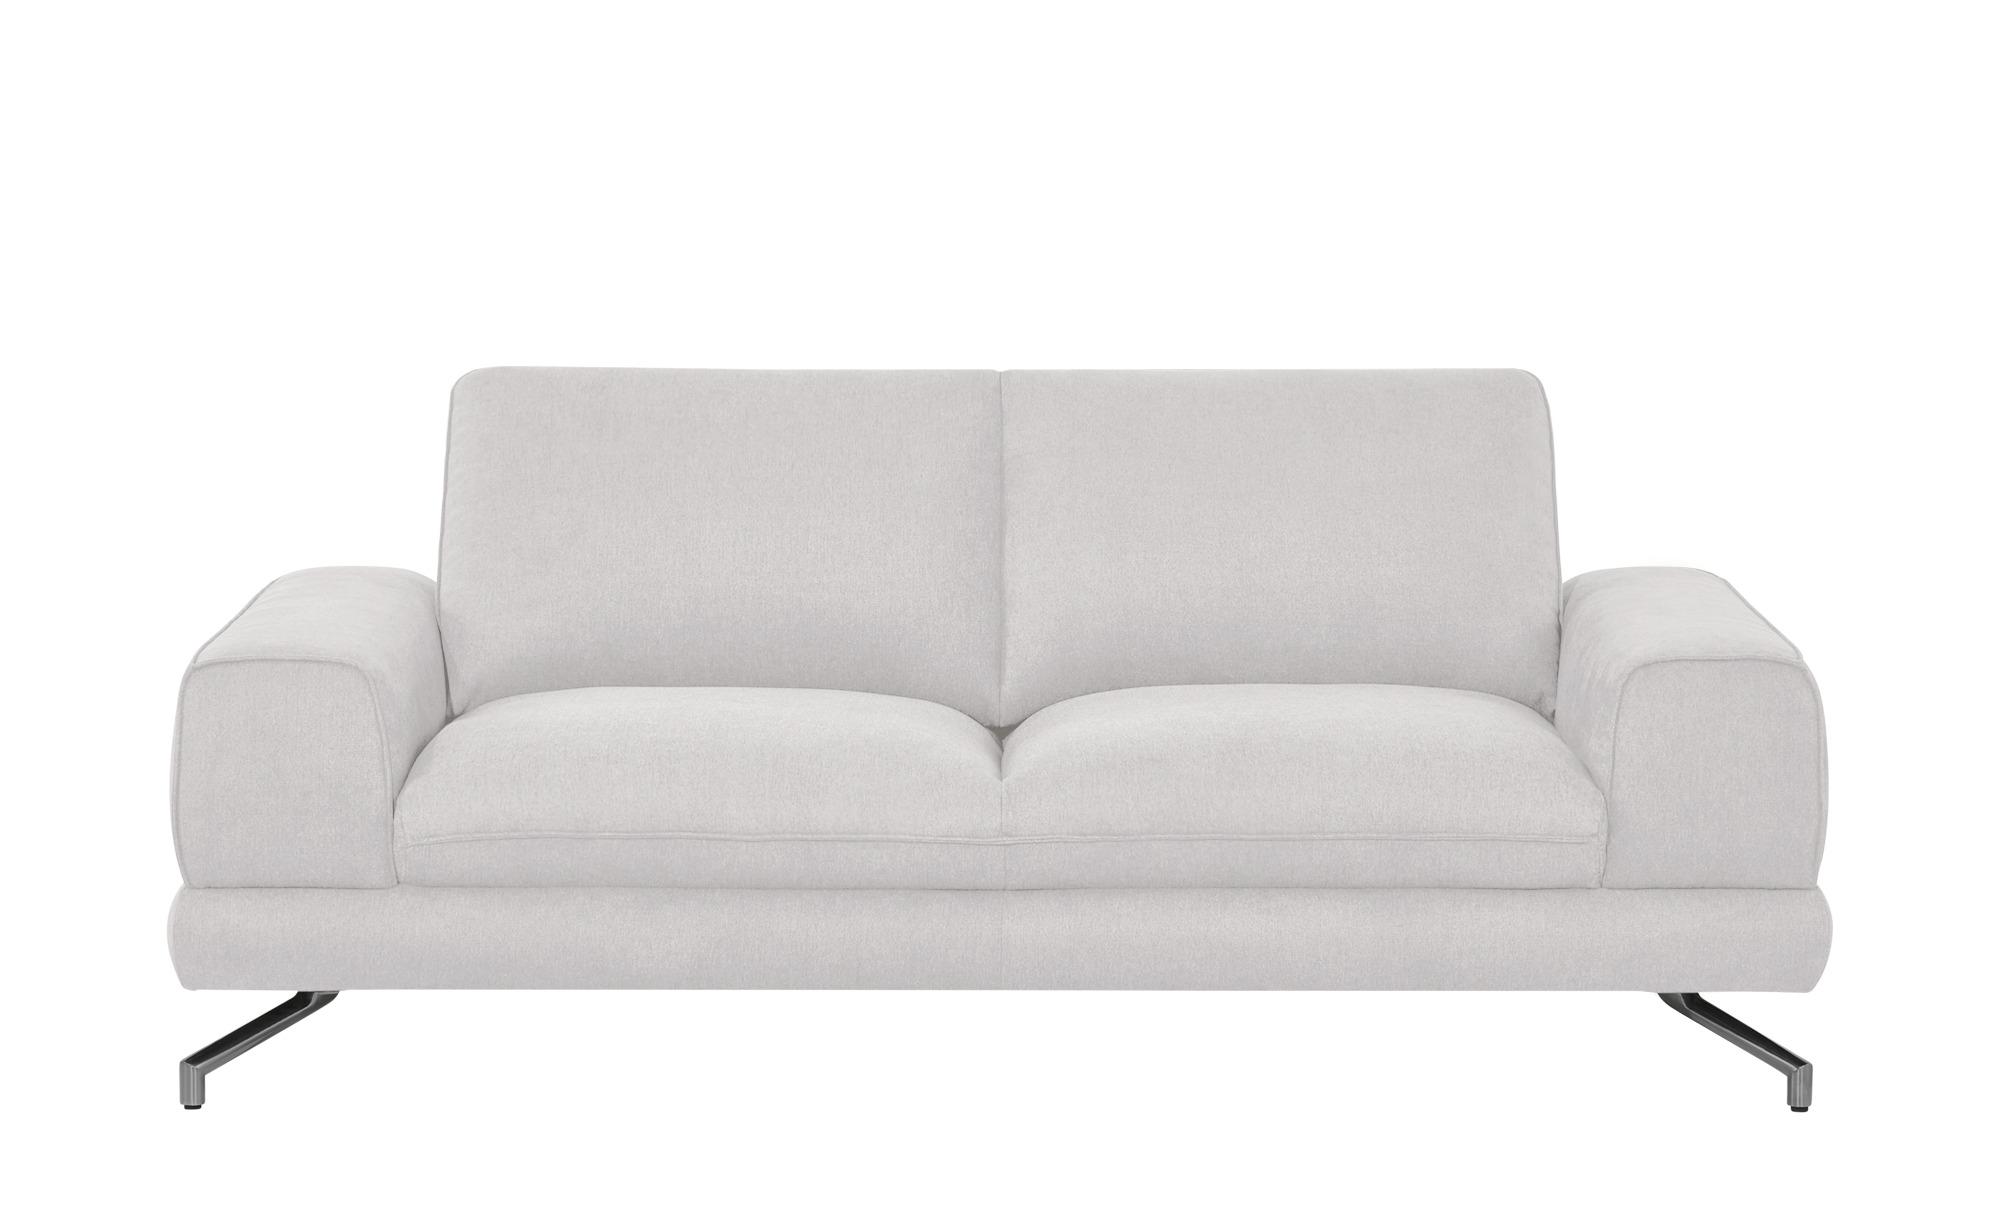 smart Sofa weiß - Webstoff Bonika ¦ weiß ¦ Maße (cm): B: 198 H: 83 T: 95 Polstermöbel > Sofas > Einzelsofas - Höffner